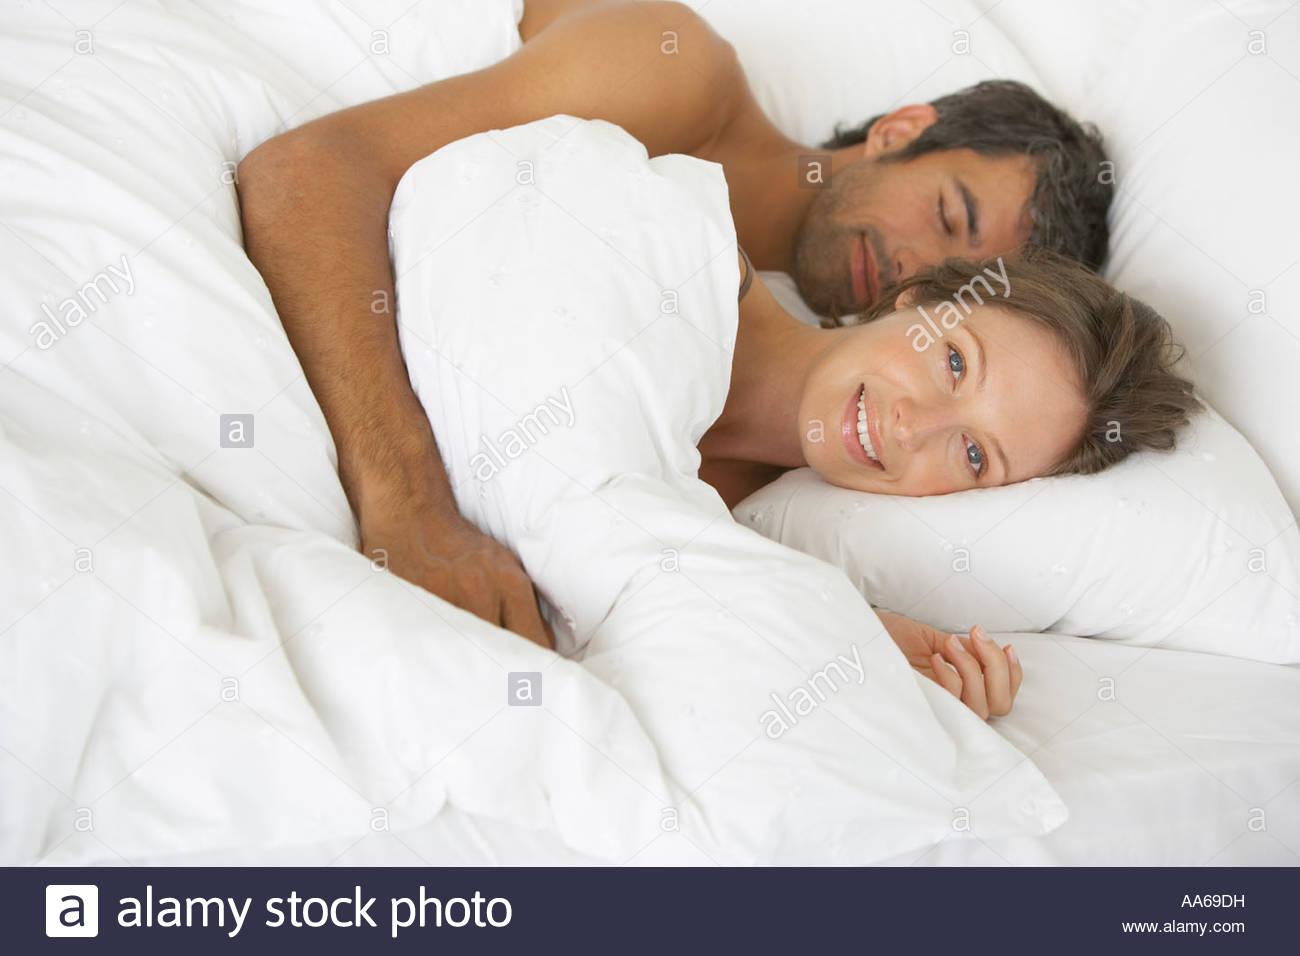 Frau Und Mann Im Bett Liegend Stockfoto Bild 12528364 Alamy